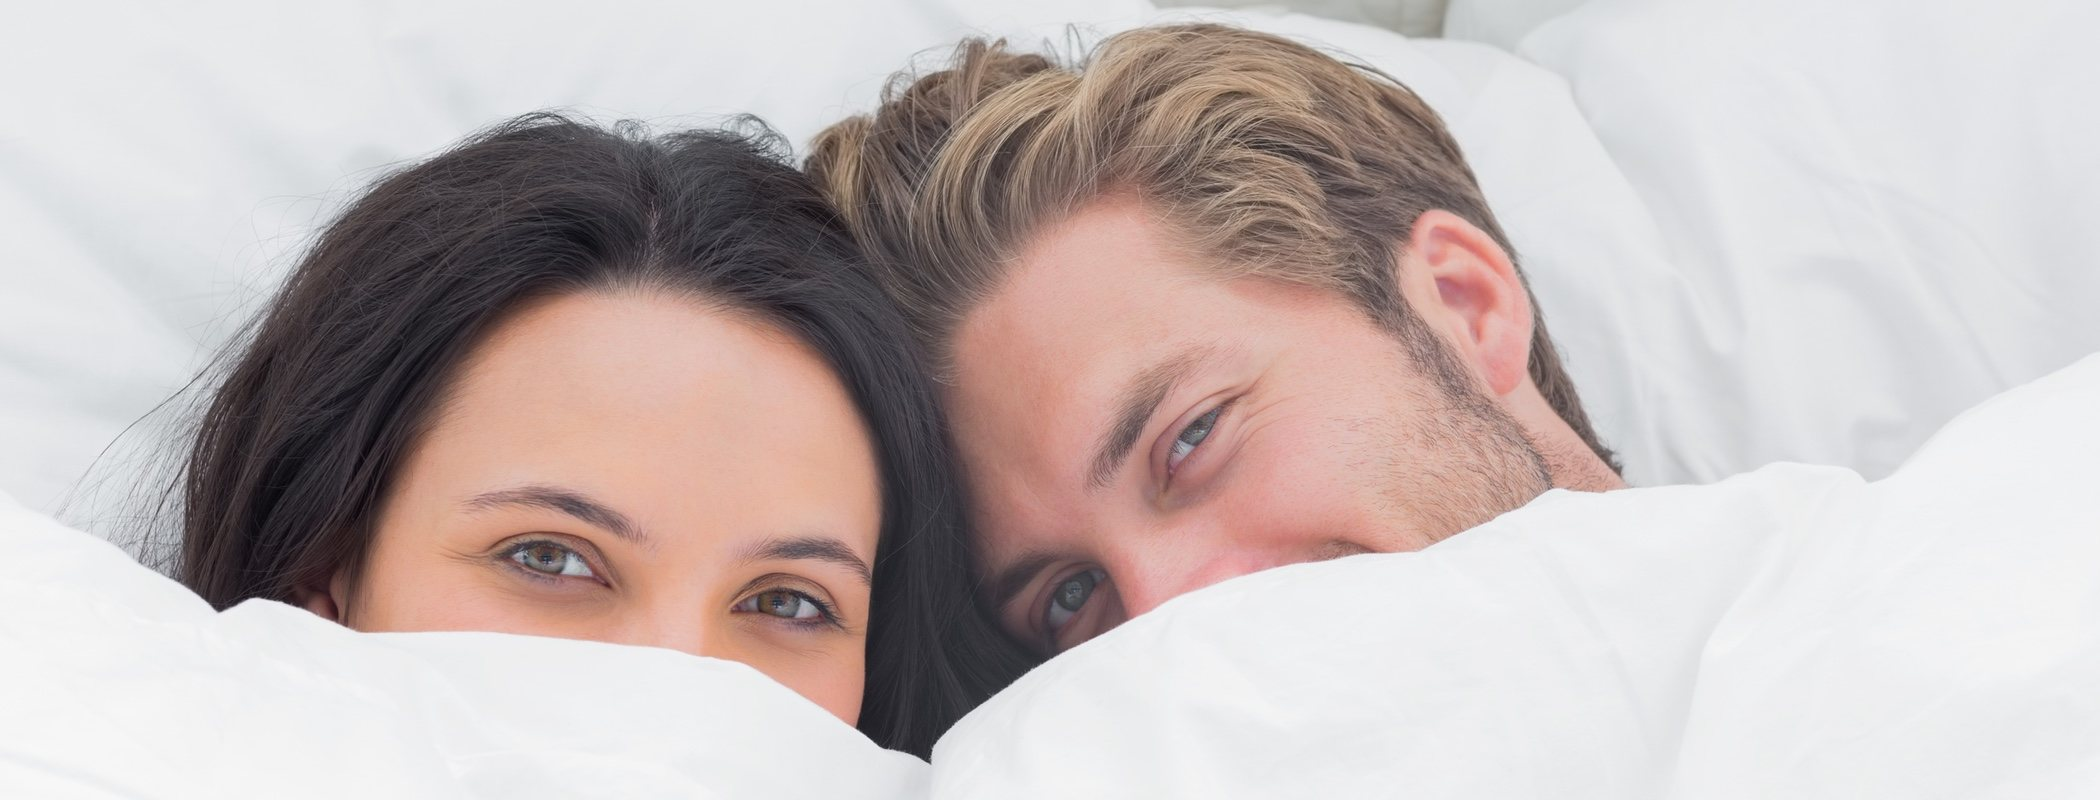 ¿Cuántas citas tengo que esperar para tener sexo?